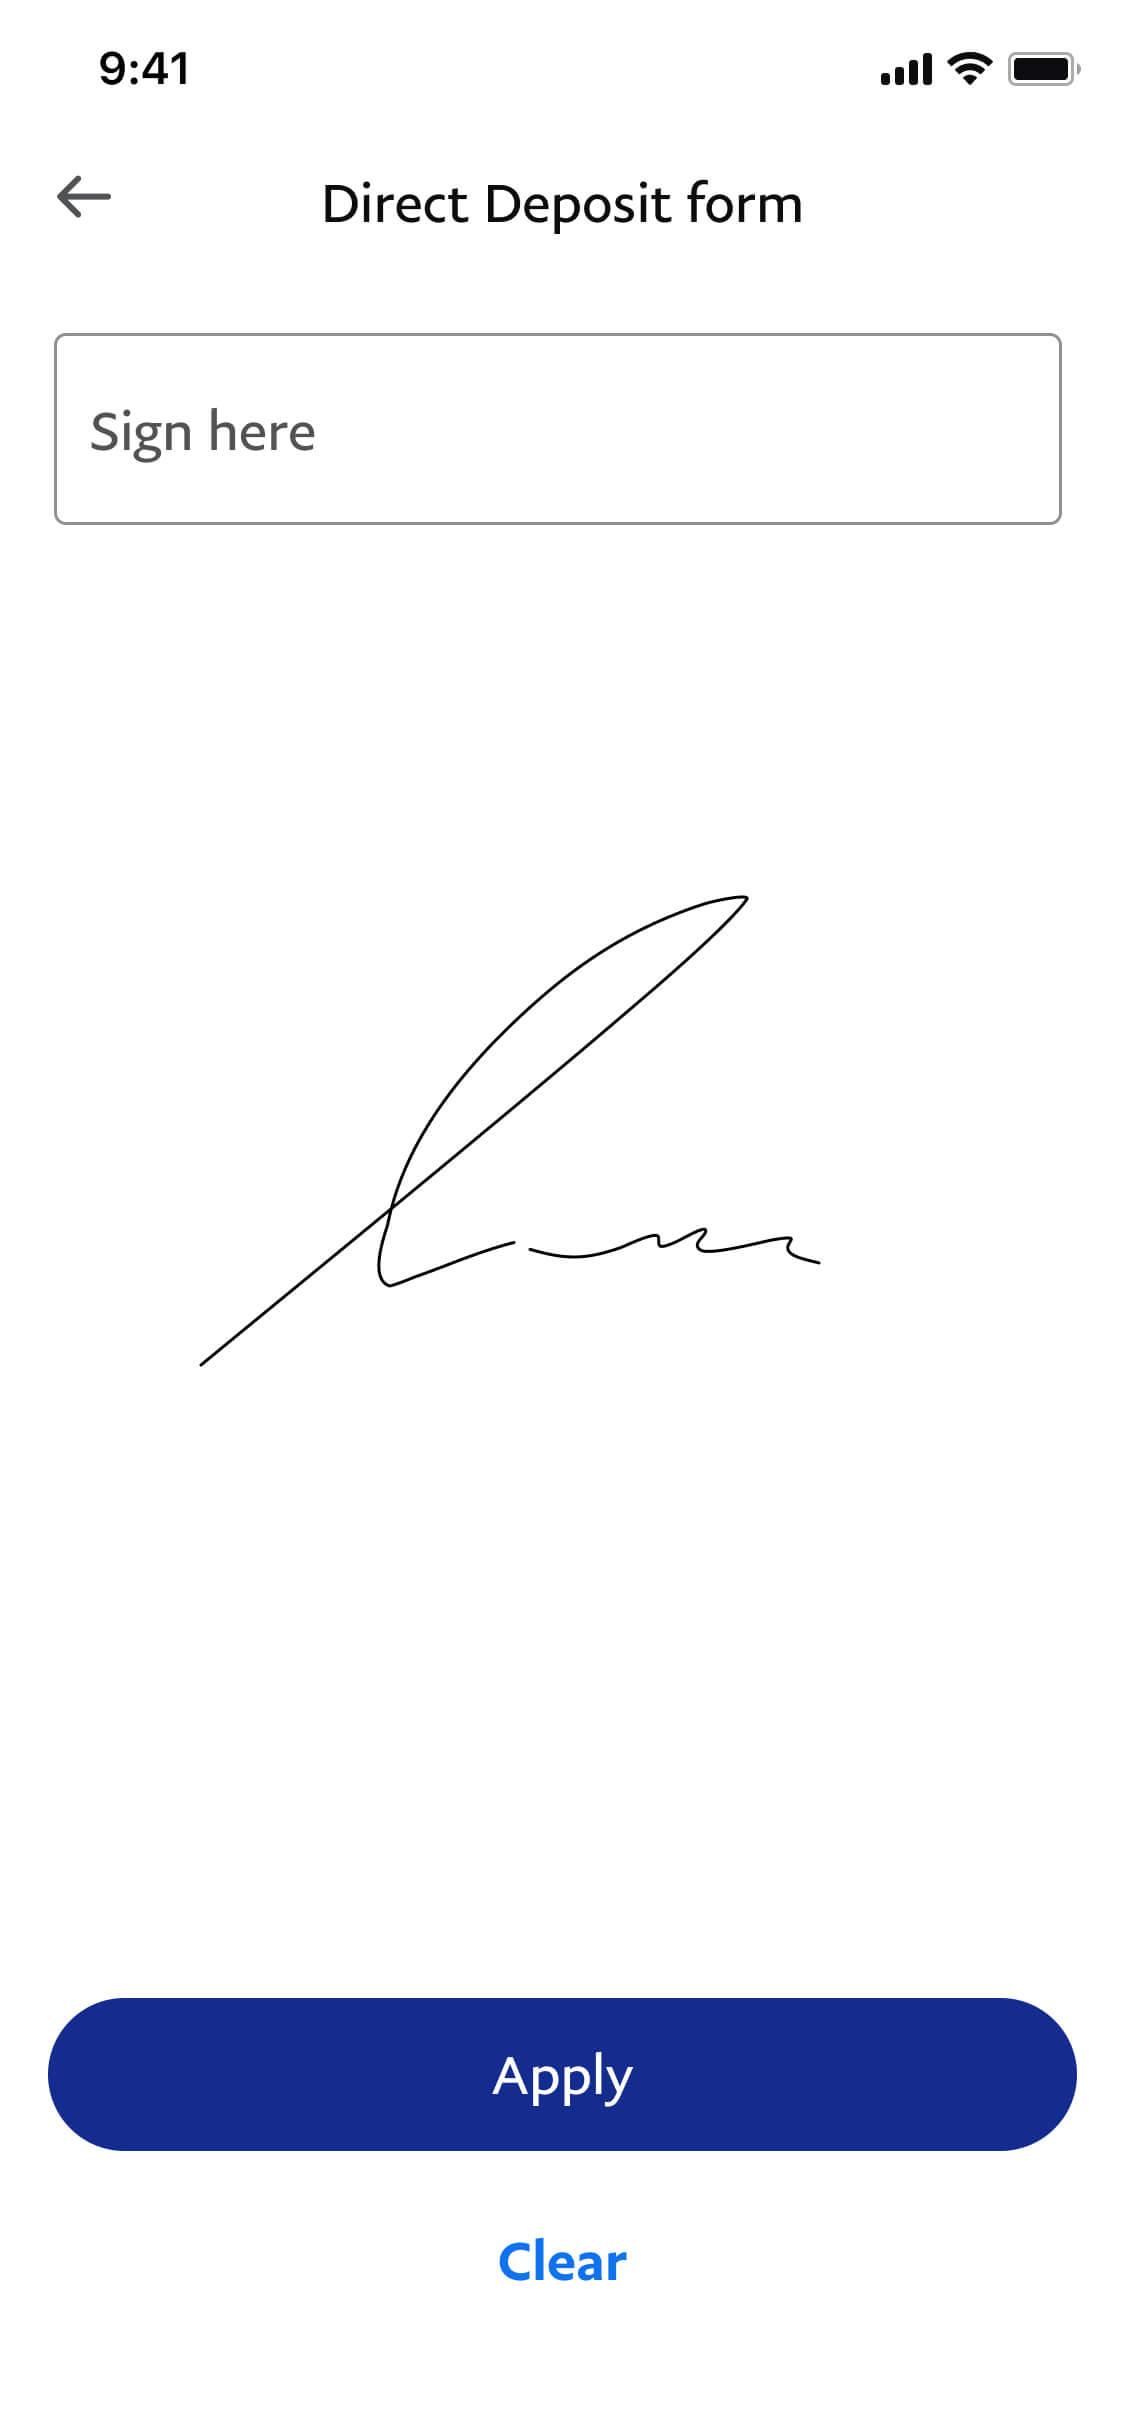 Add your e-Signature